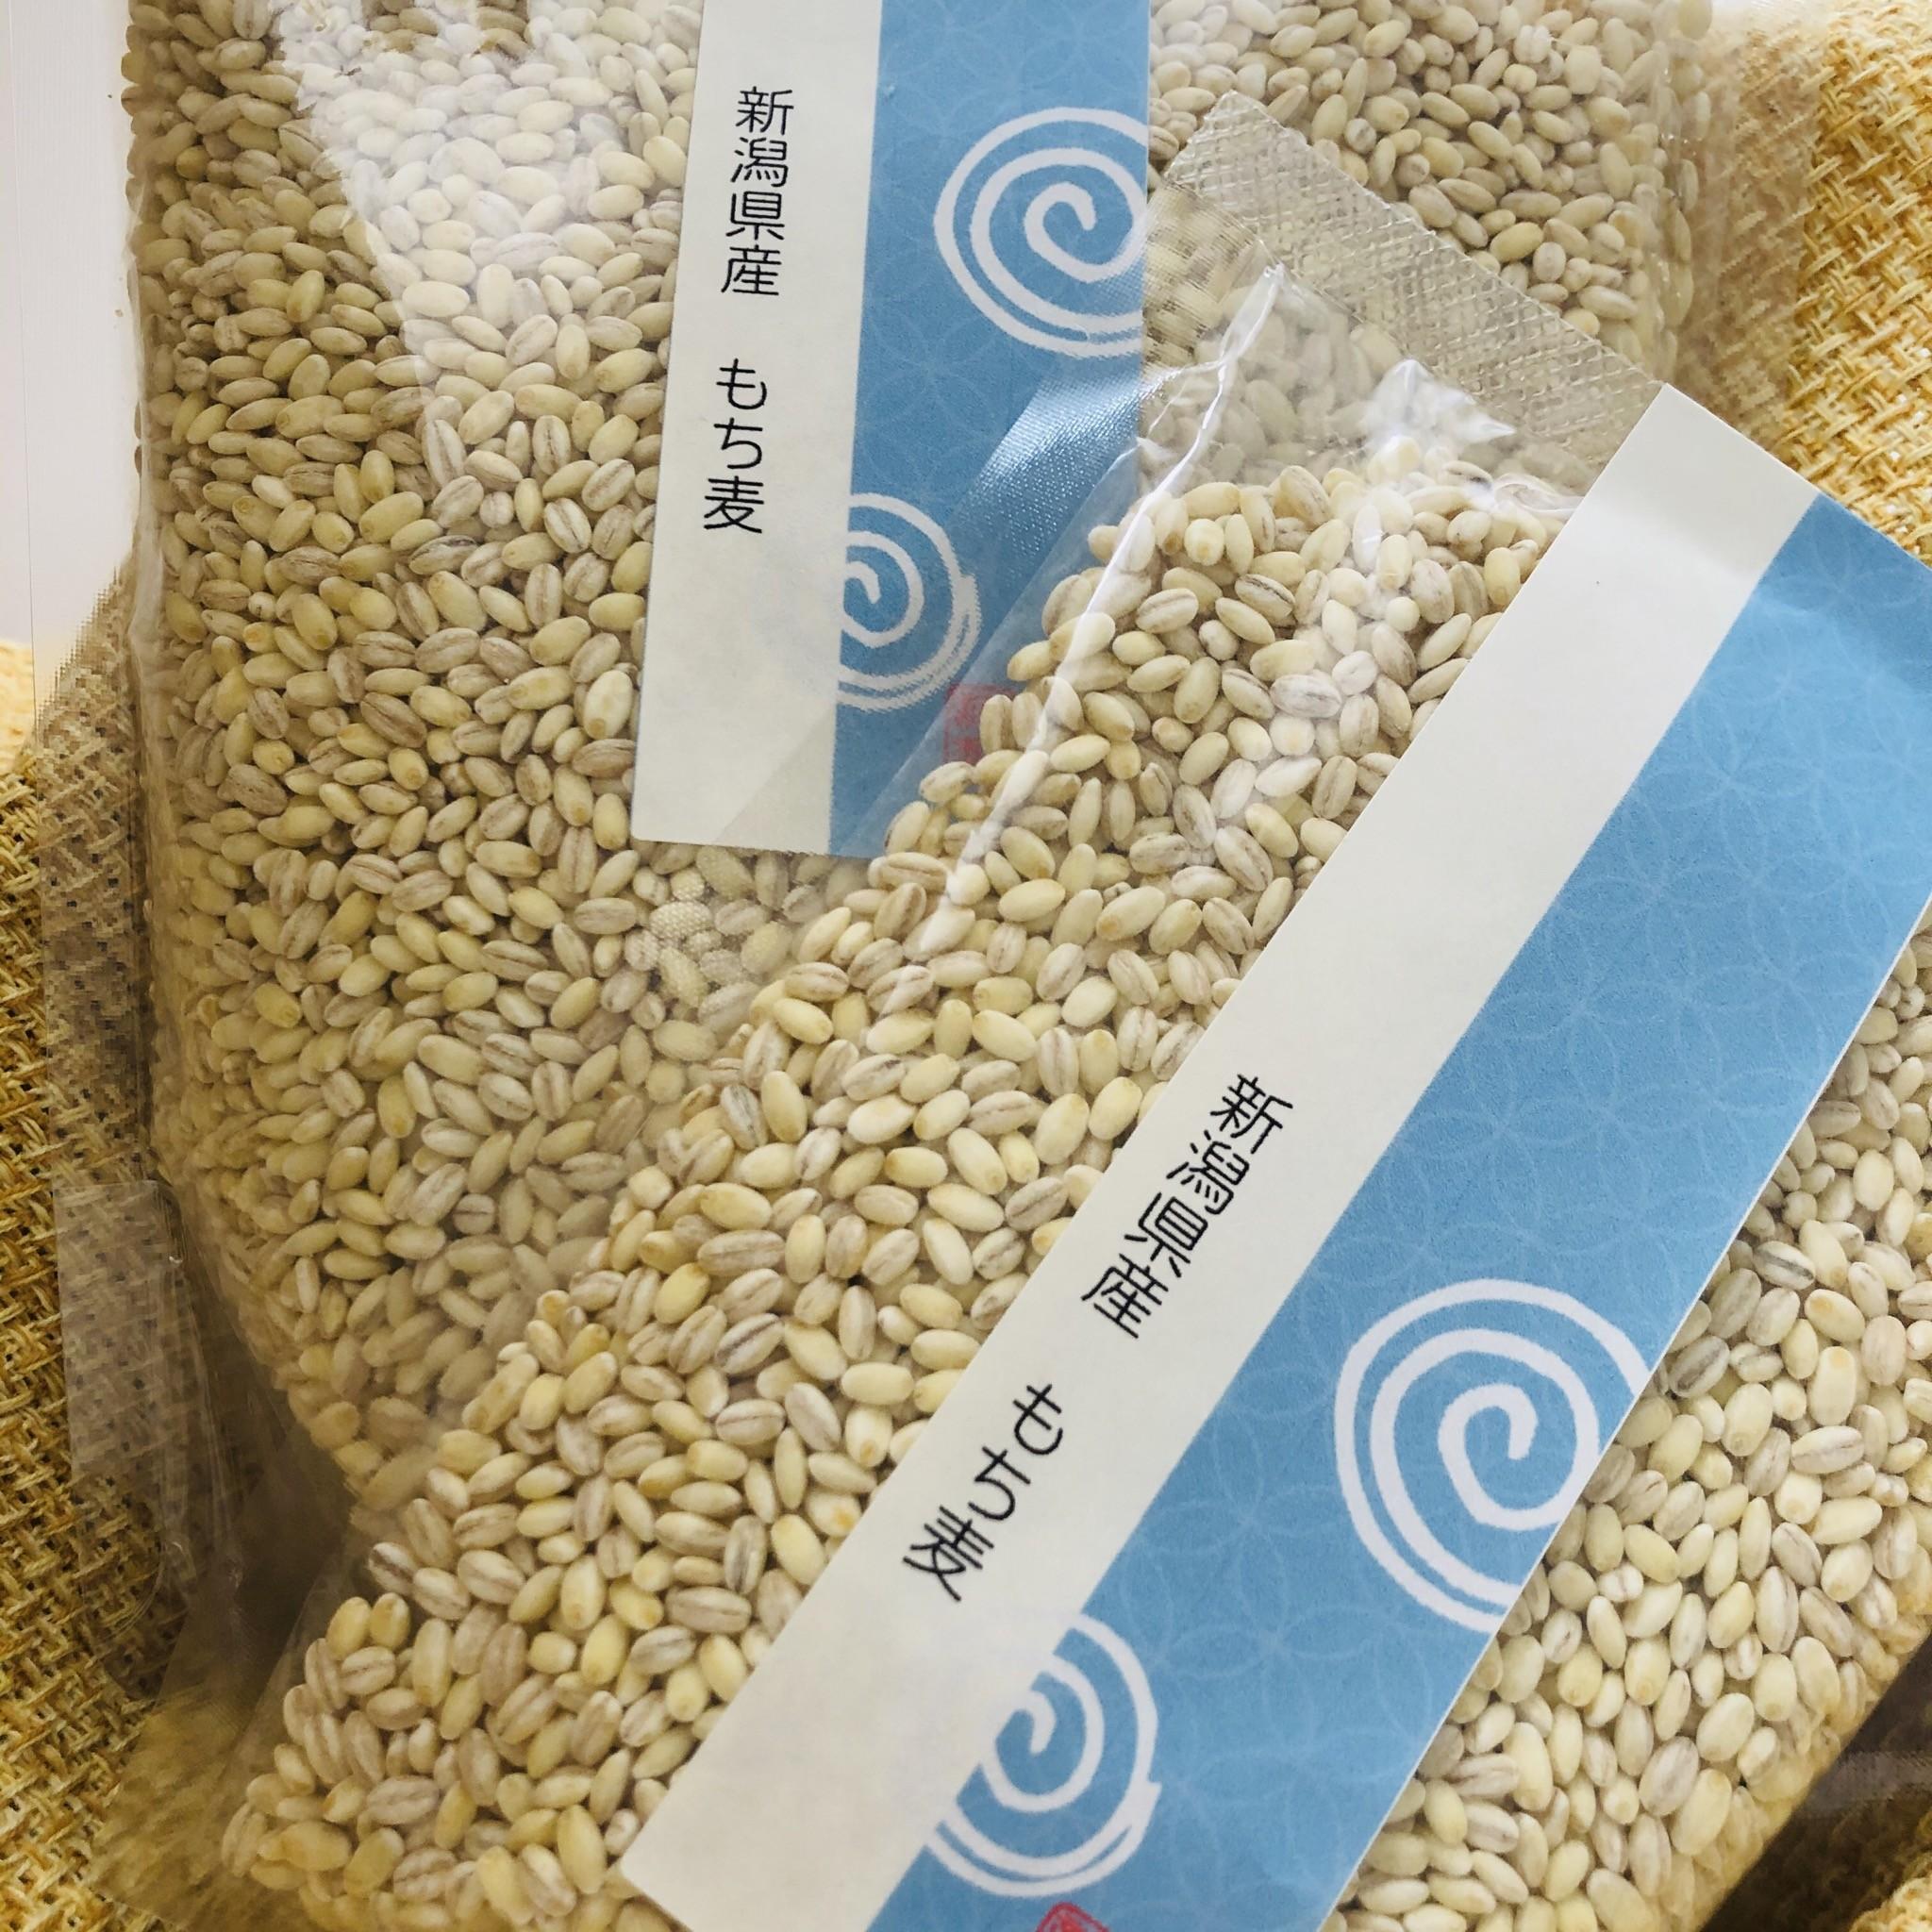 【販売開始】もち麦の販売を始めます♬